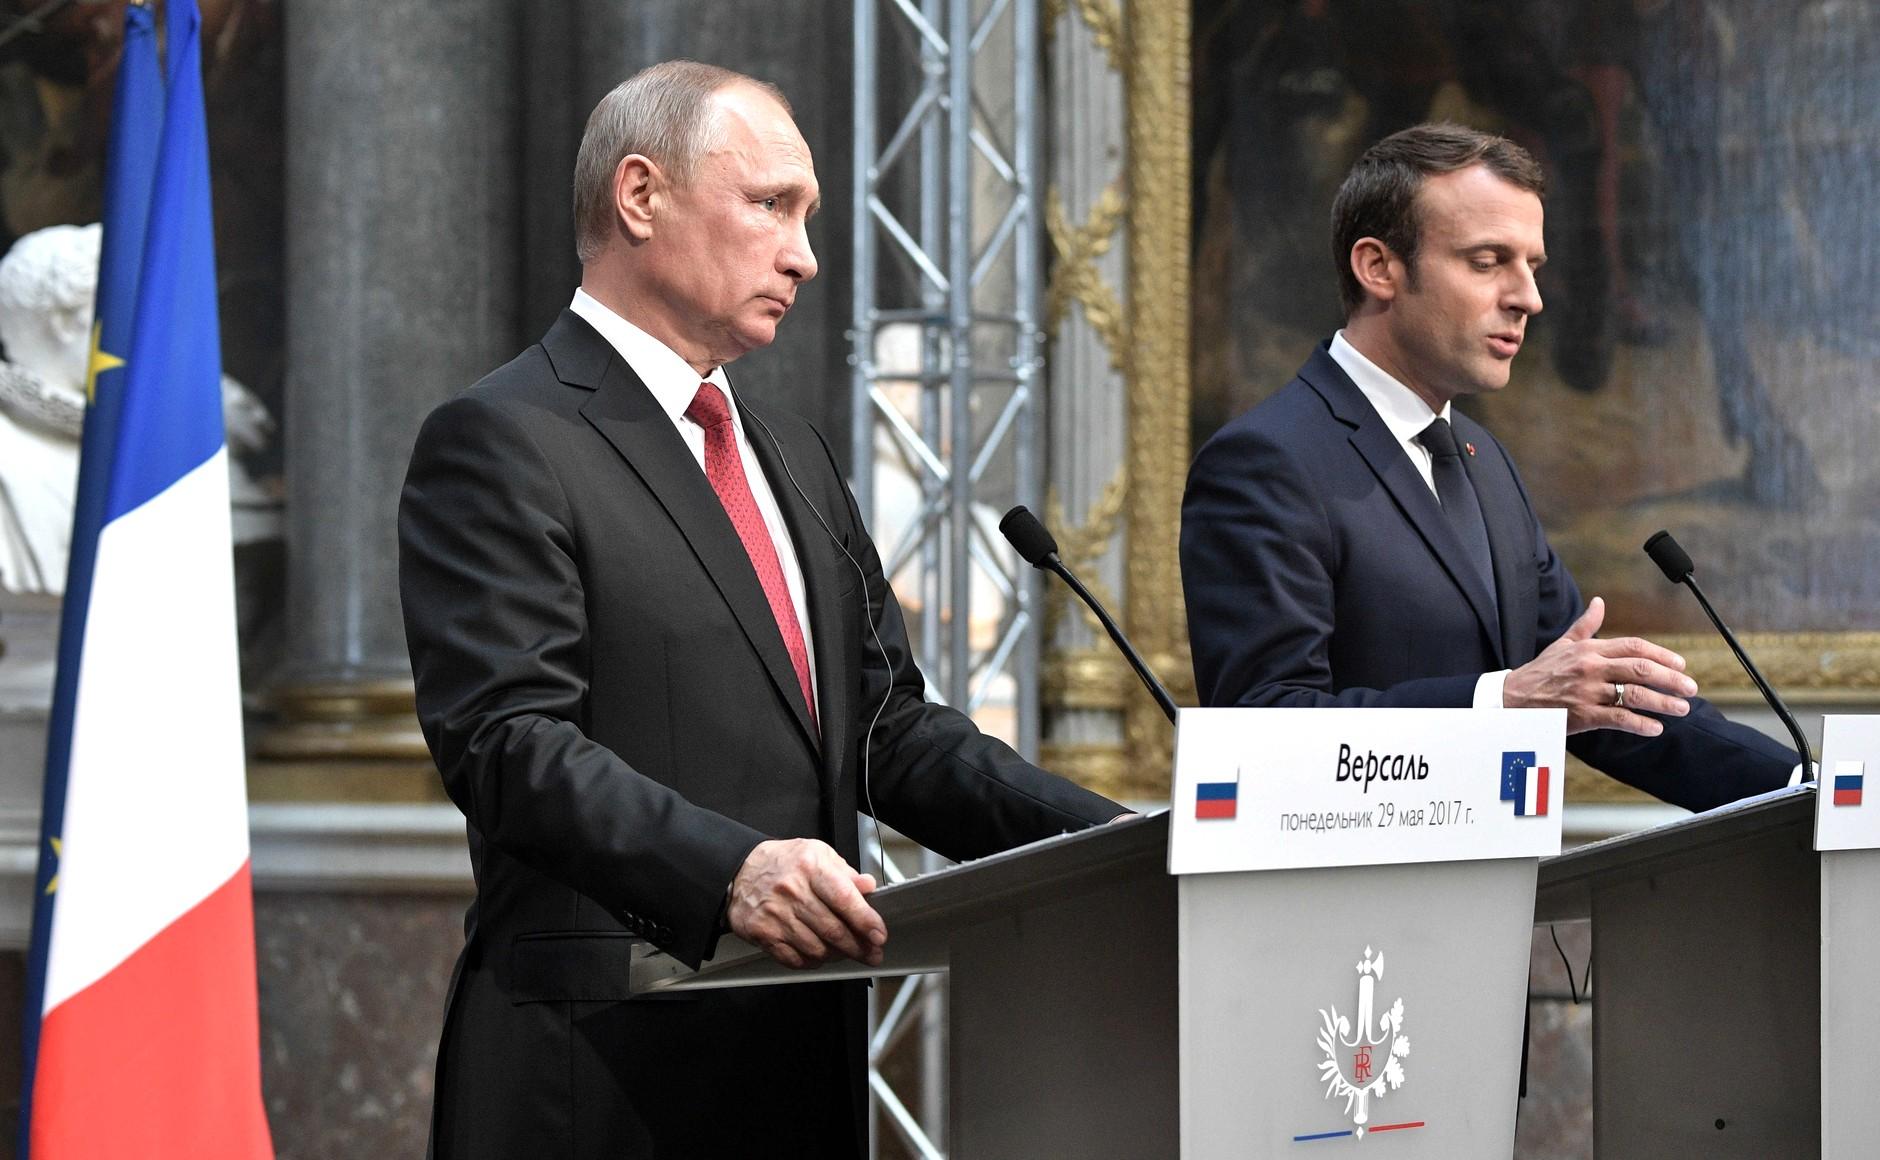 La Russie aurait tenté de surveiller l'entourage de Macron via Facebook